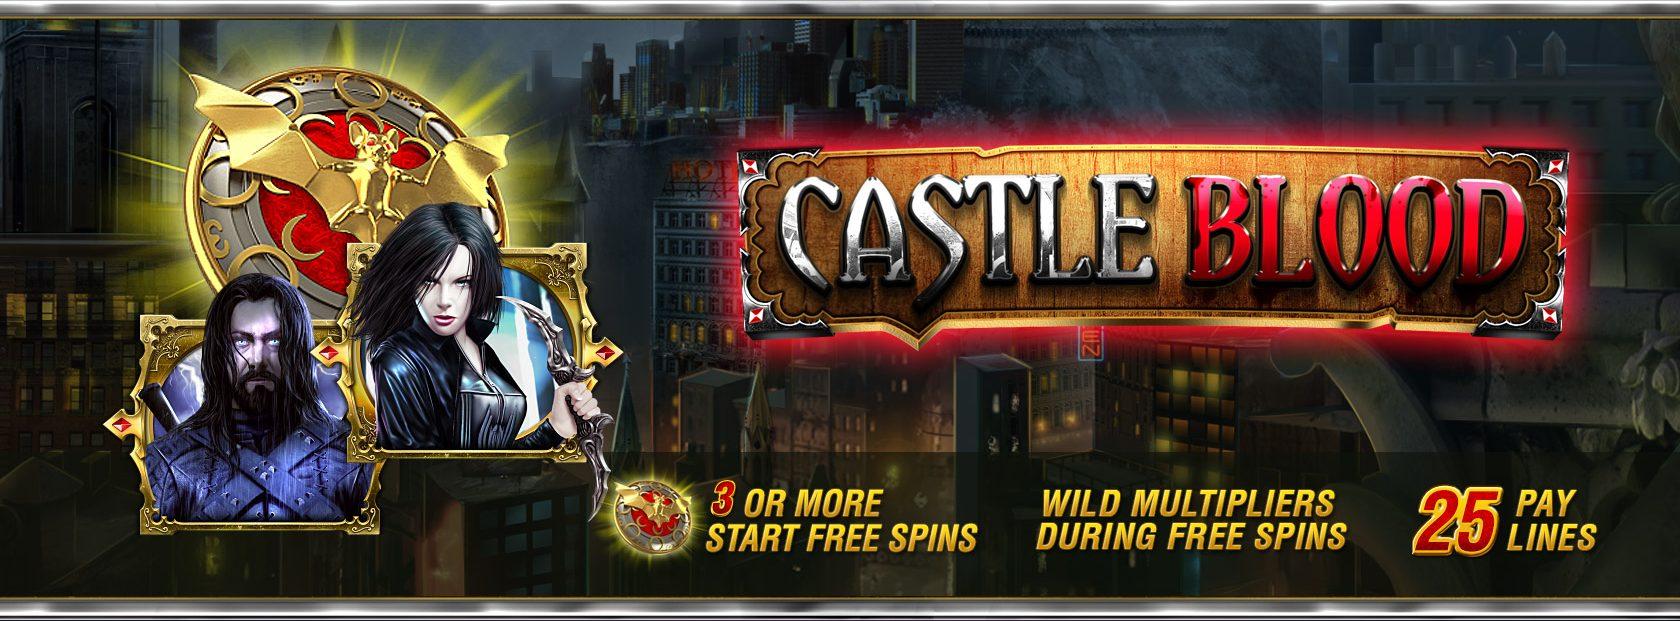 Castle Blood Slot Review